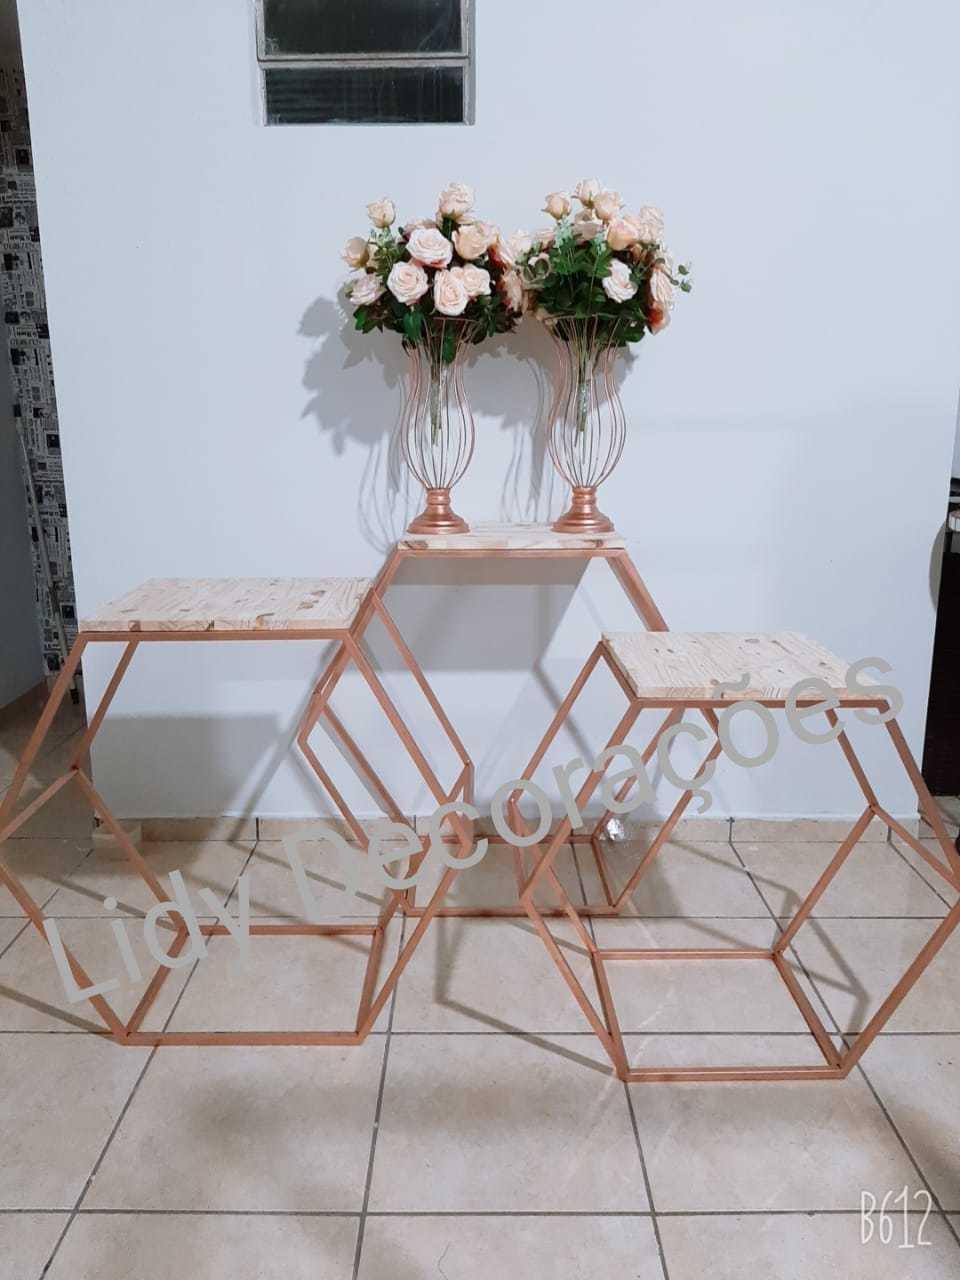 Trio de Mesas Hexagonal para Festa em Ferro com Tampo em MDF Isabelly - Disponível nas Cores Rose Gold, Preto, Dourado e Branco